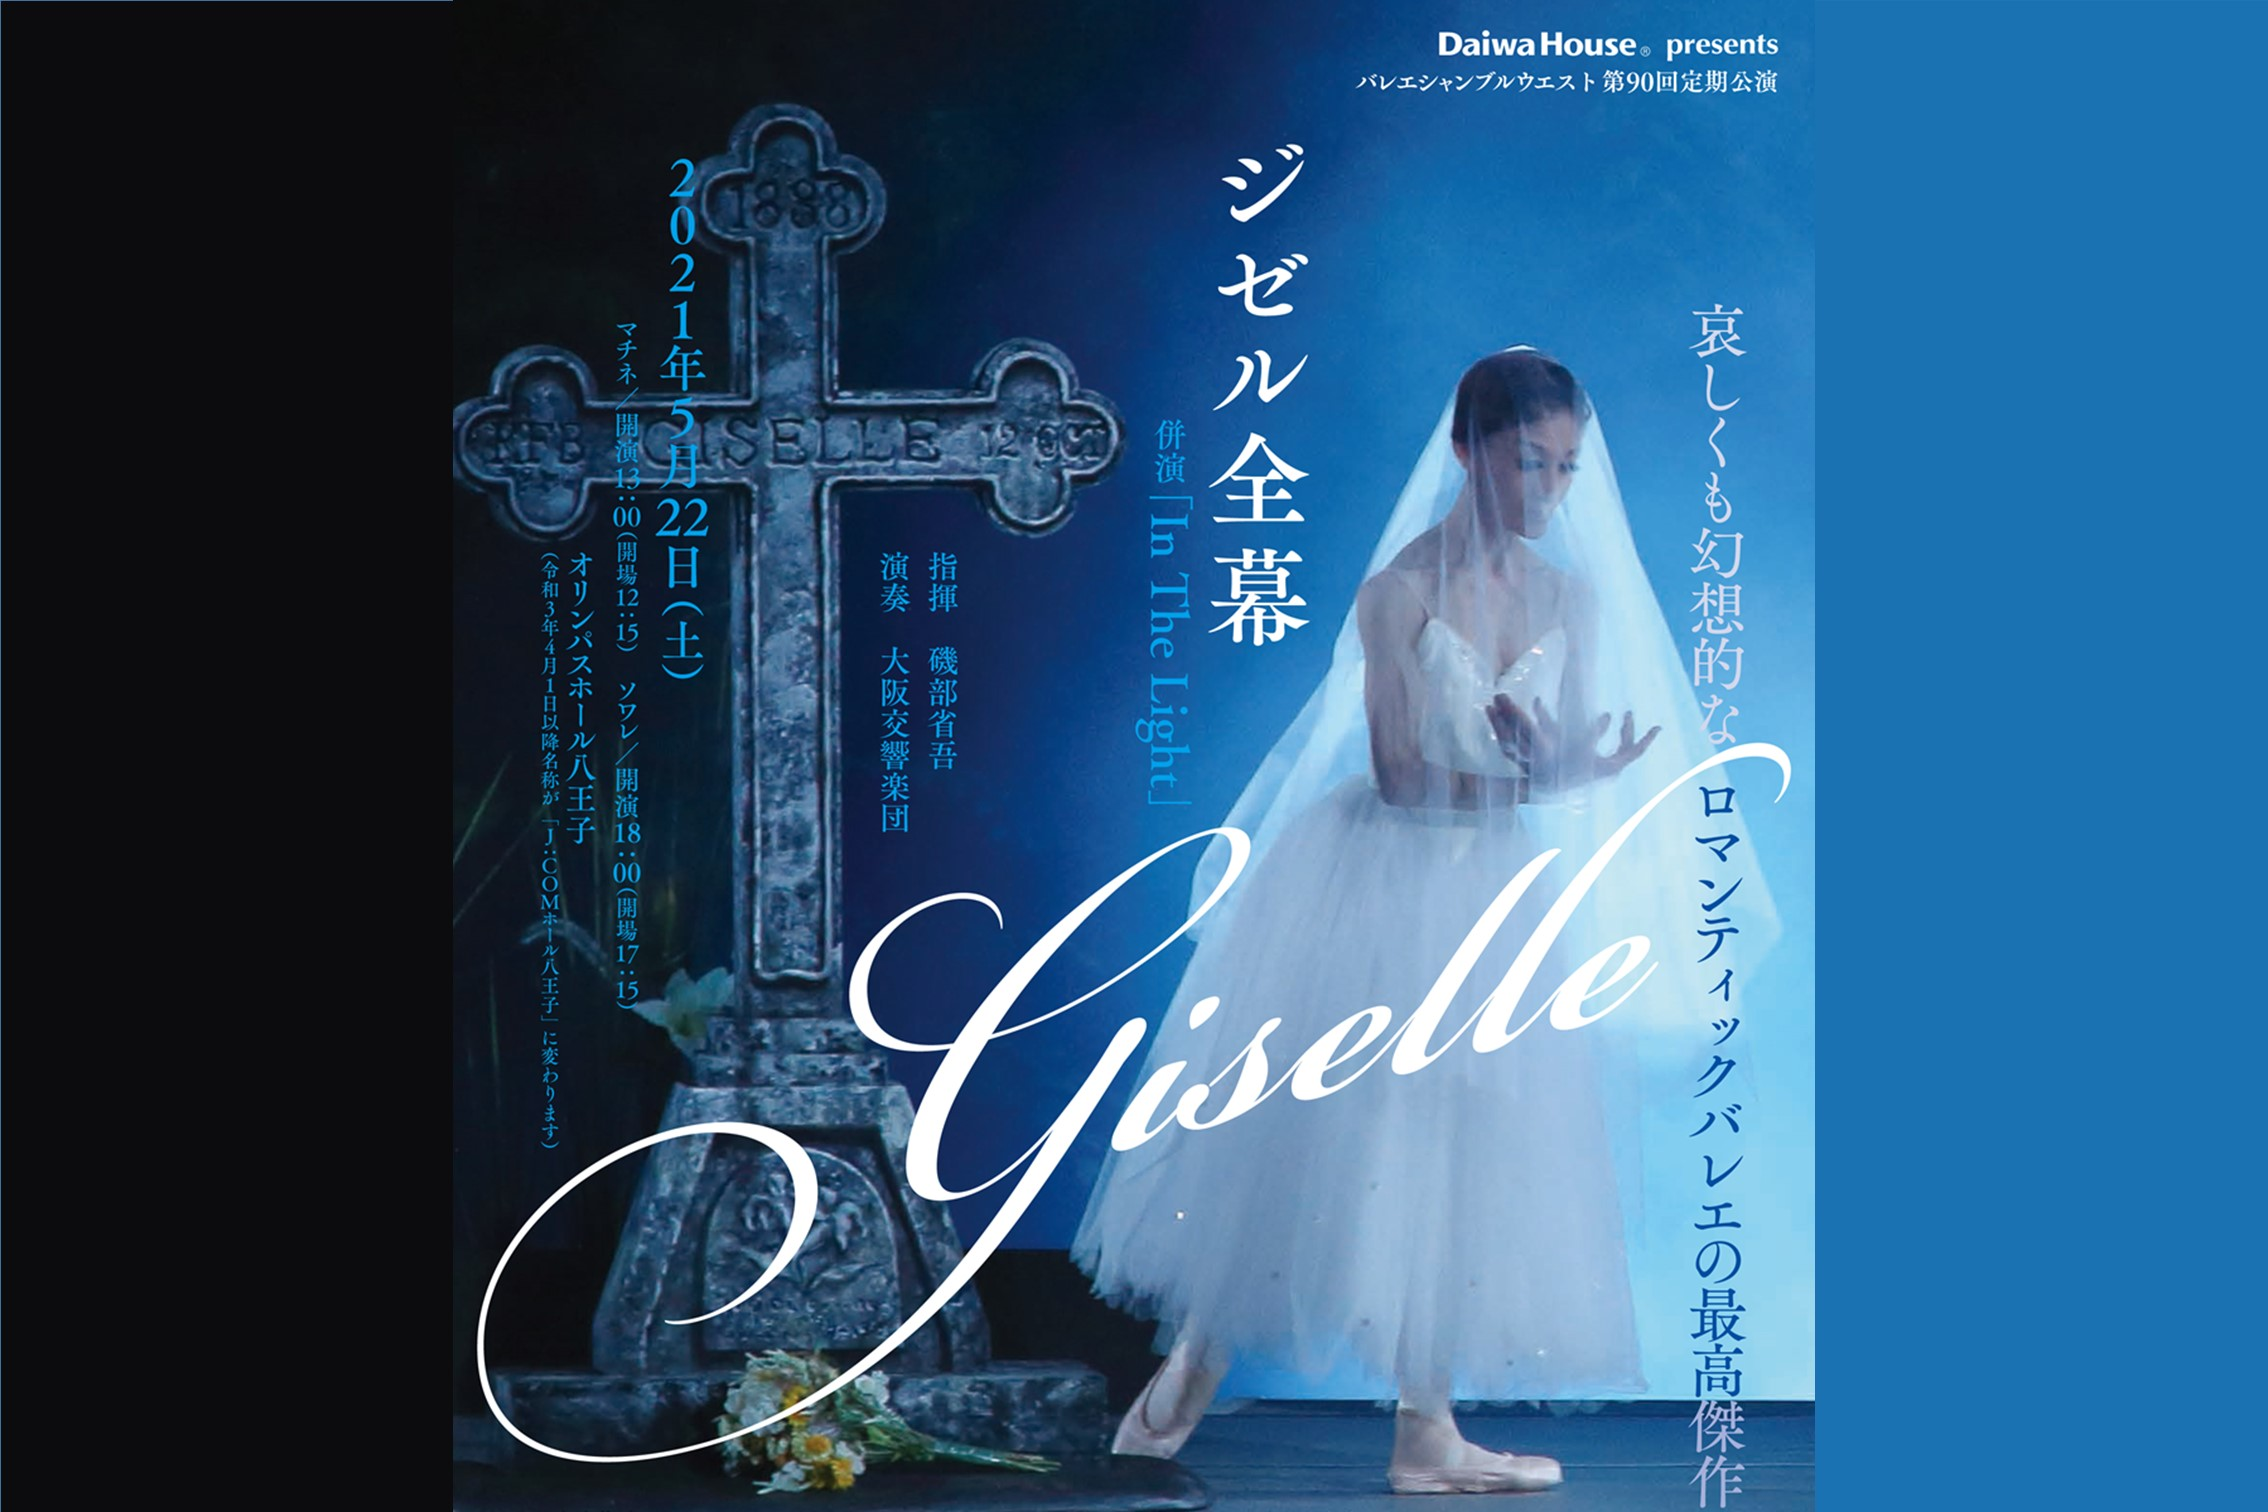 バレエシャンブルウエスト第90回定期公演「Giselle」ジゼル全幕